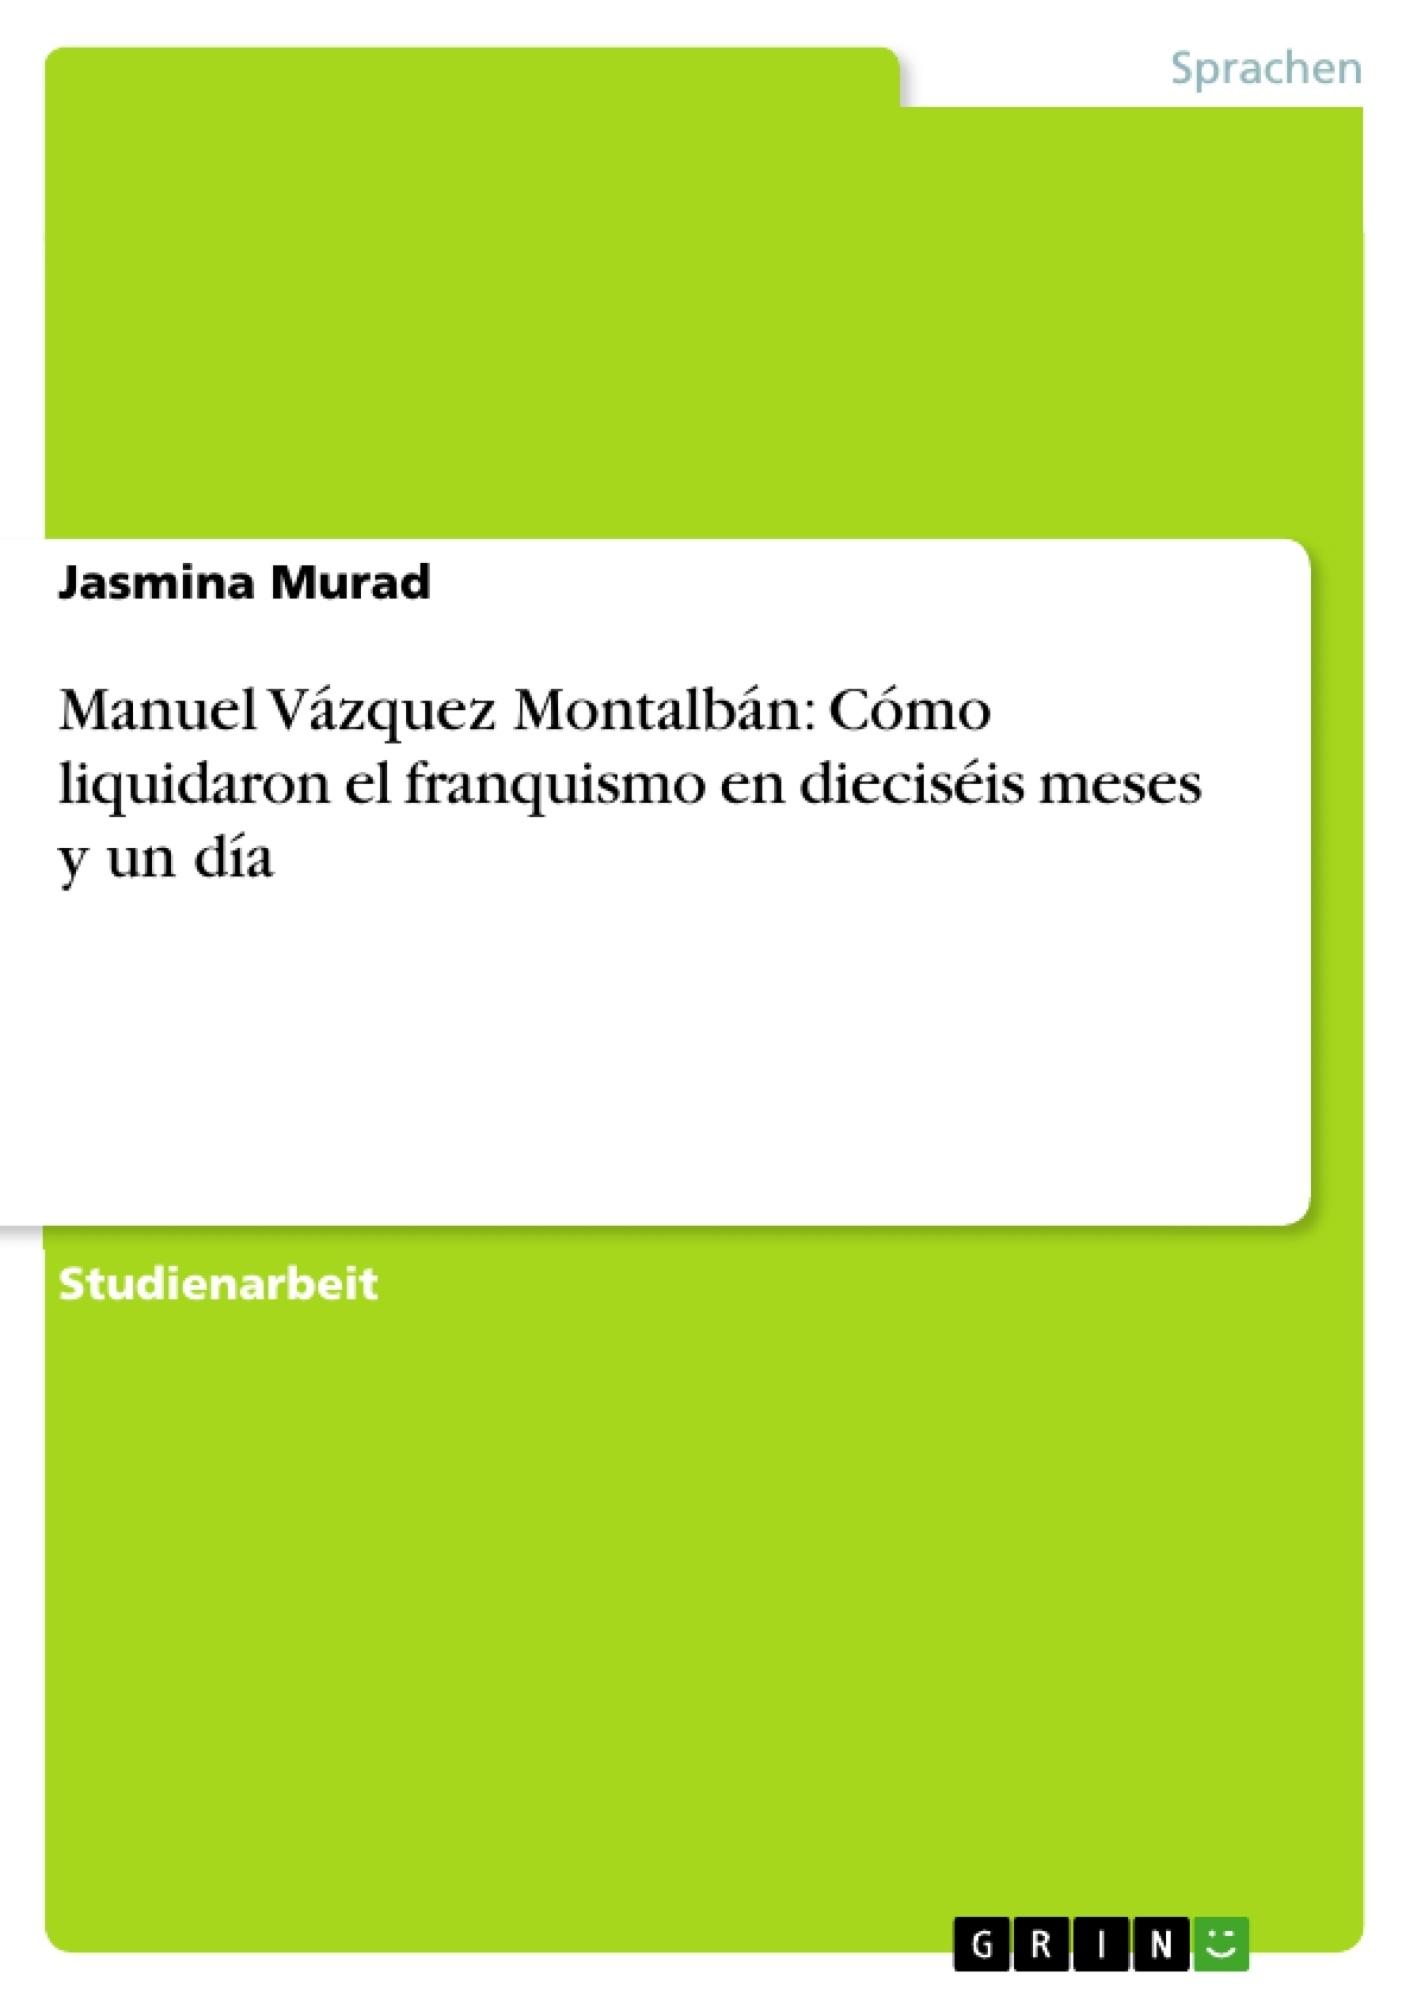 Titel: Manuel Vázquez Montalbán: Cómo liquidaron el franquismo en dieciséis meses y un día